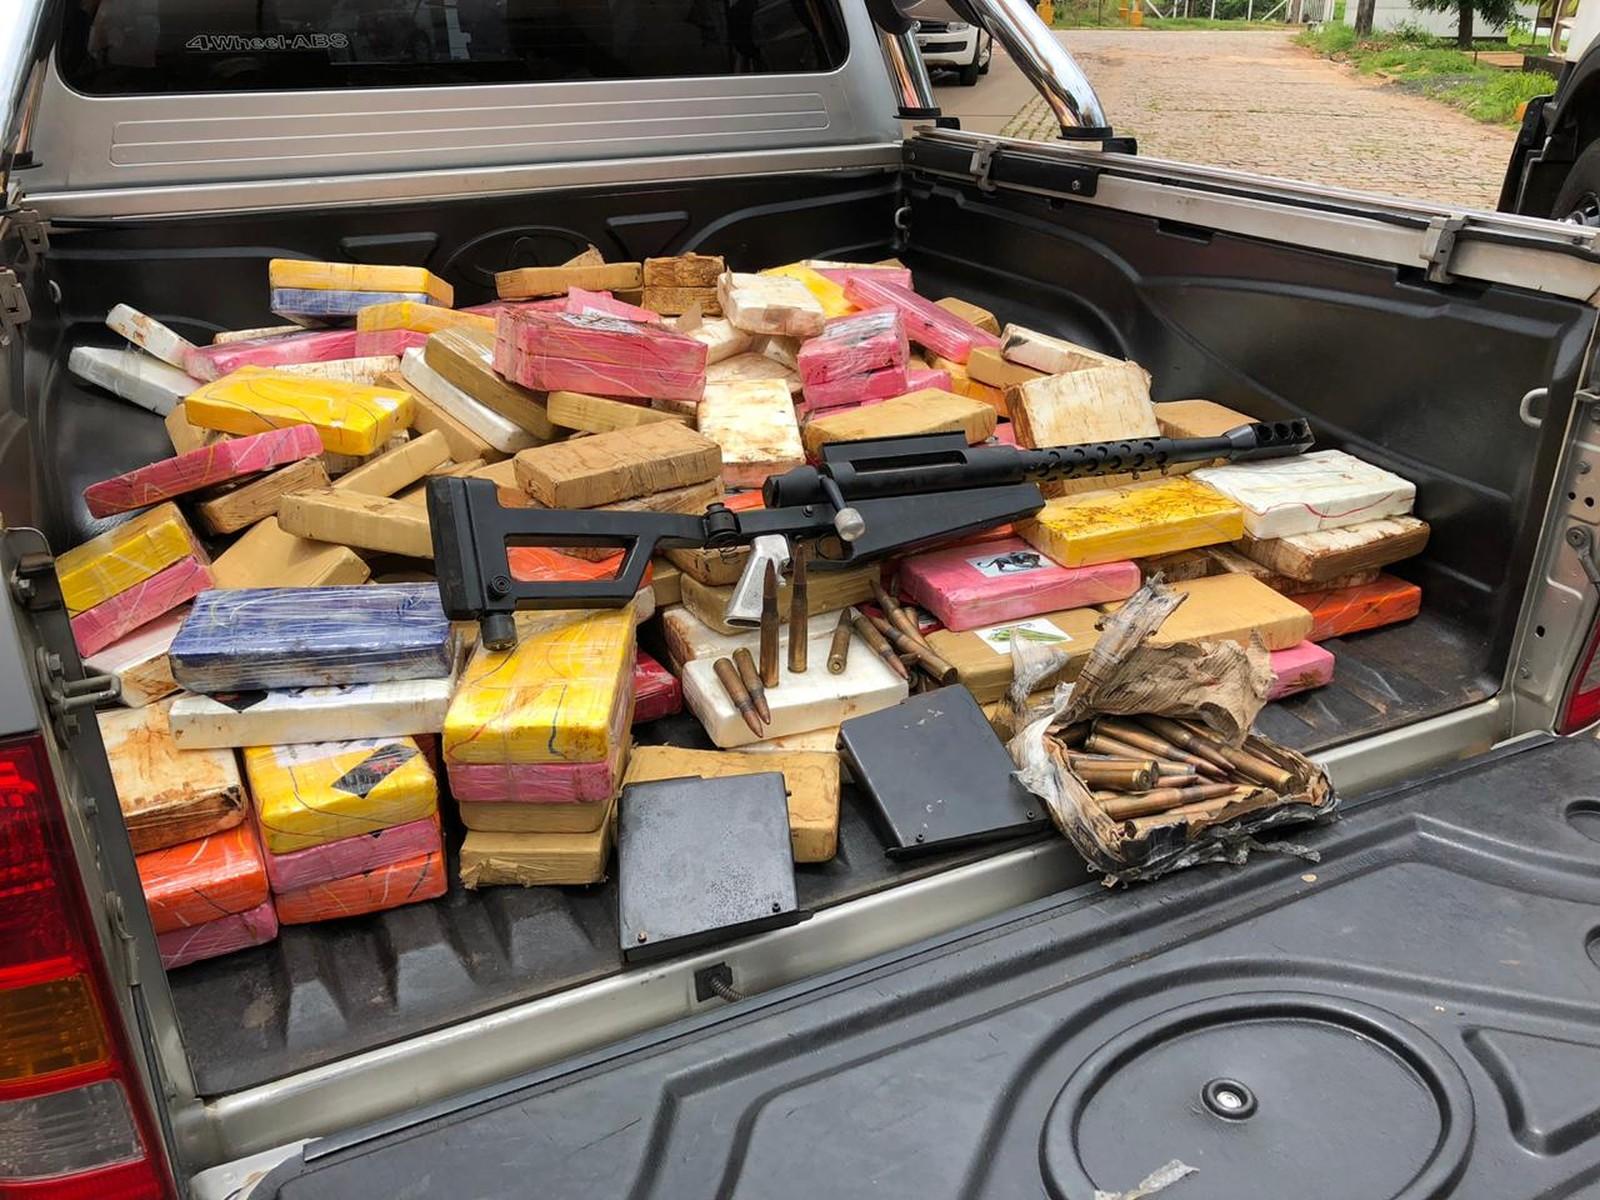 0e488414123 Polícia apreende cerca de uma tonelada de cocaína em fundos falsos de  caminhões em Bálsamo